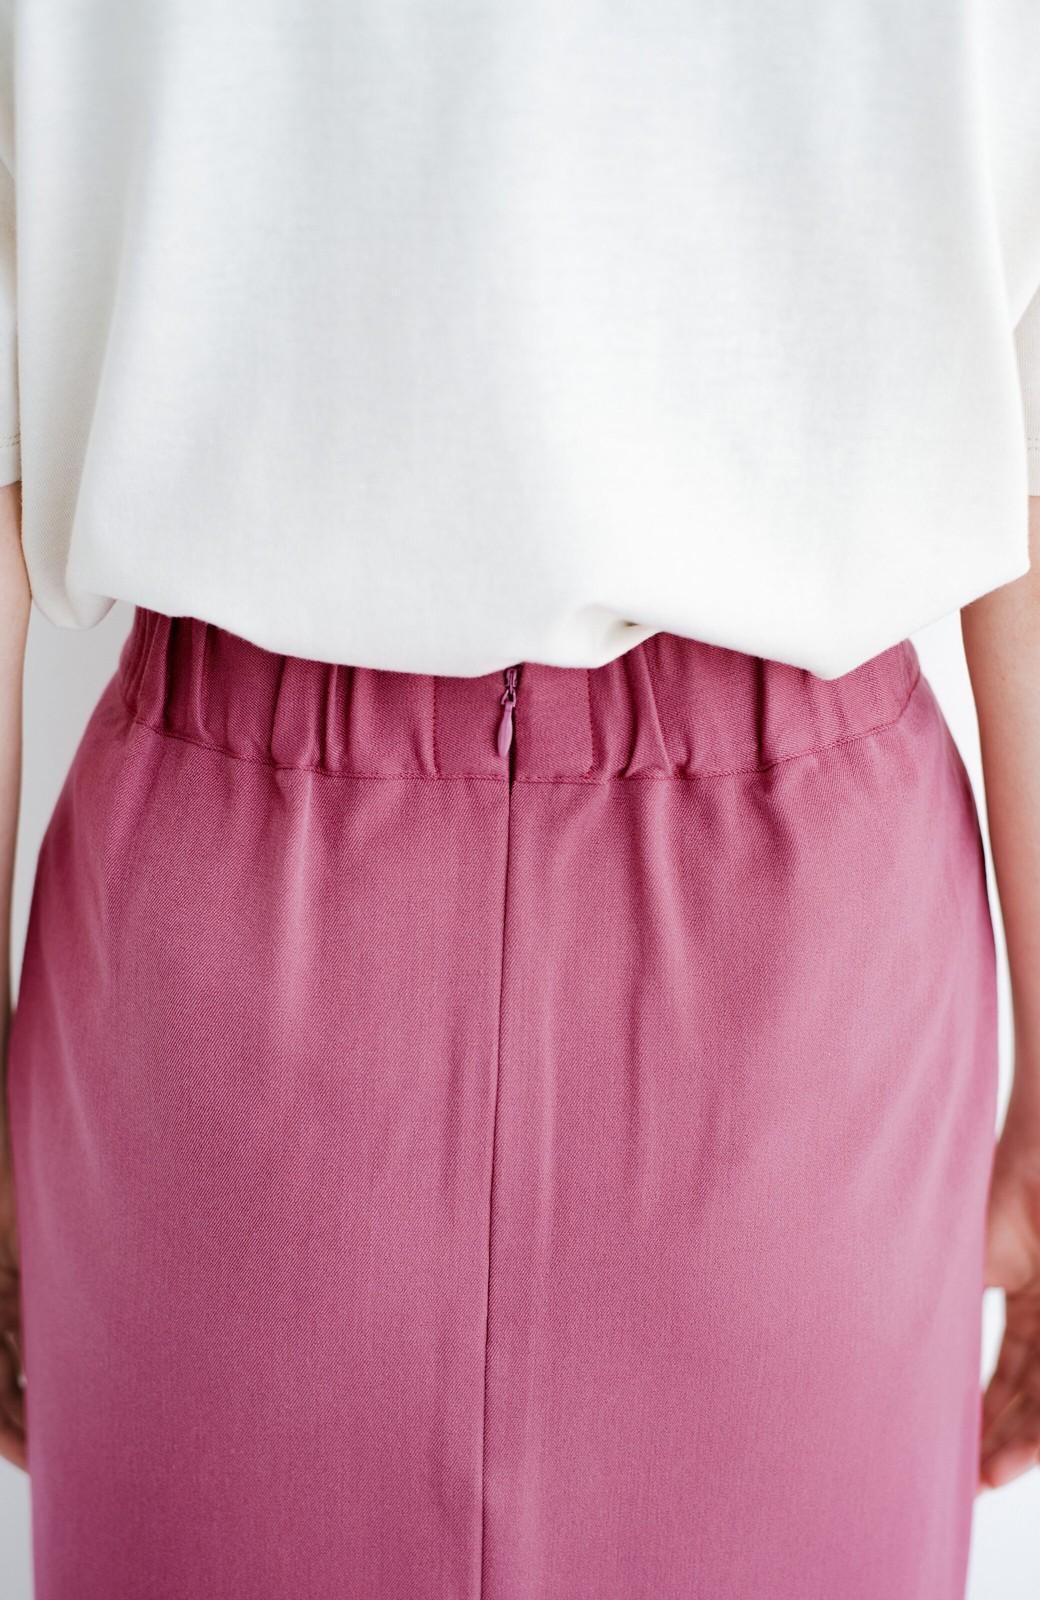 haco! カジュアルにもきれいめにも着られて便利 スリットが女っぽいセミタイトスカート <ピンク>の商品写真7